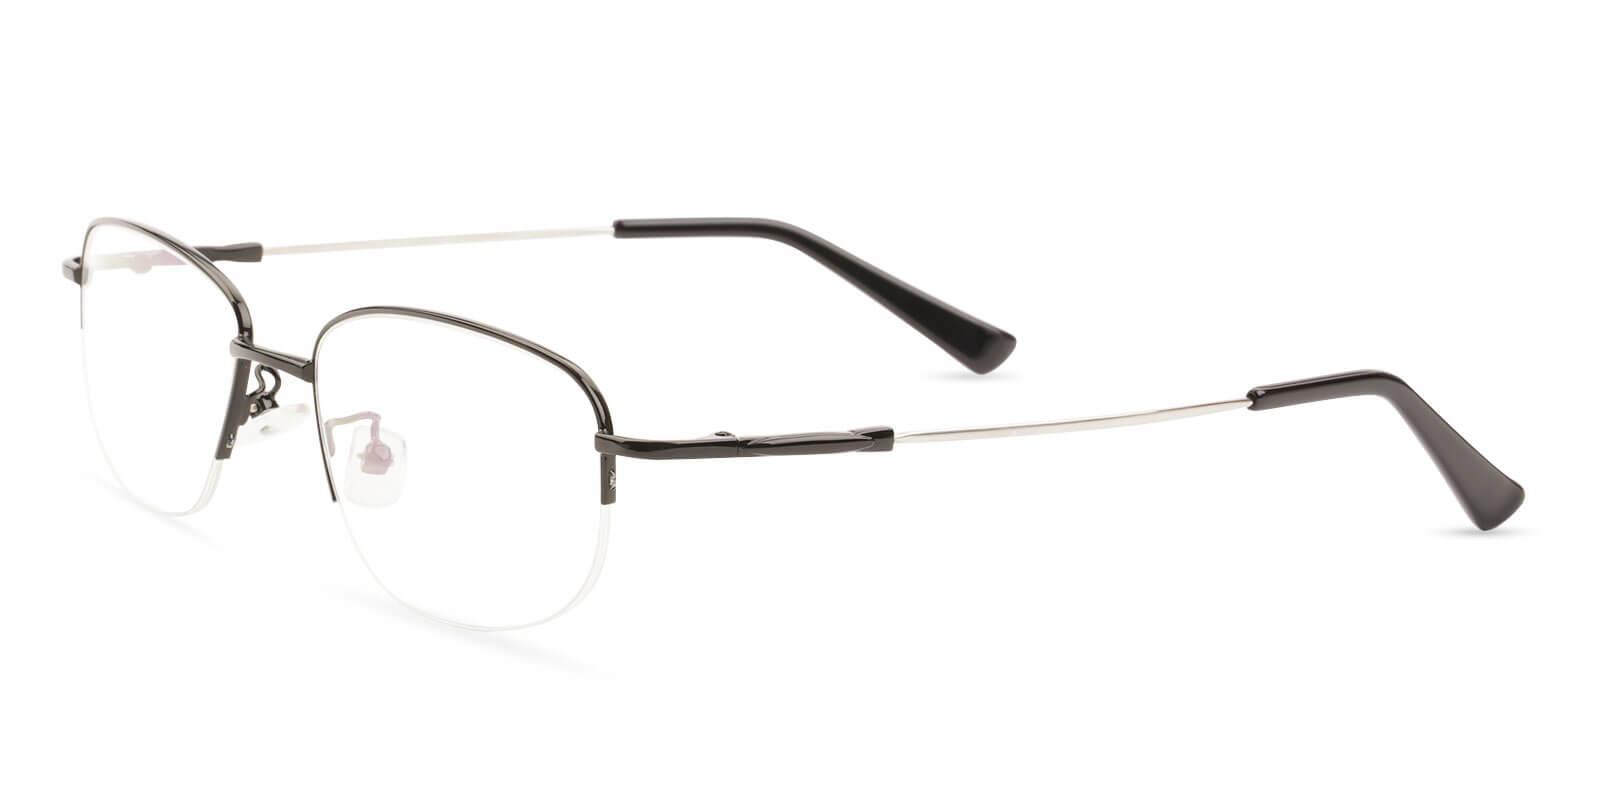 Joshua Black Metal Eyeglasses , NosePads Frames from ABBE Glasses